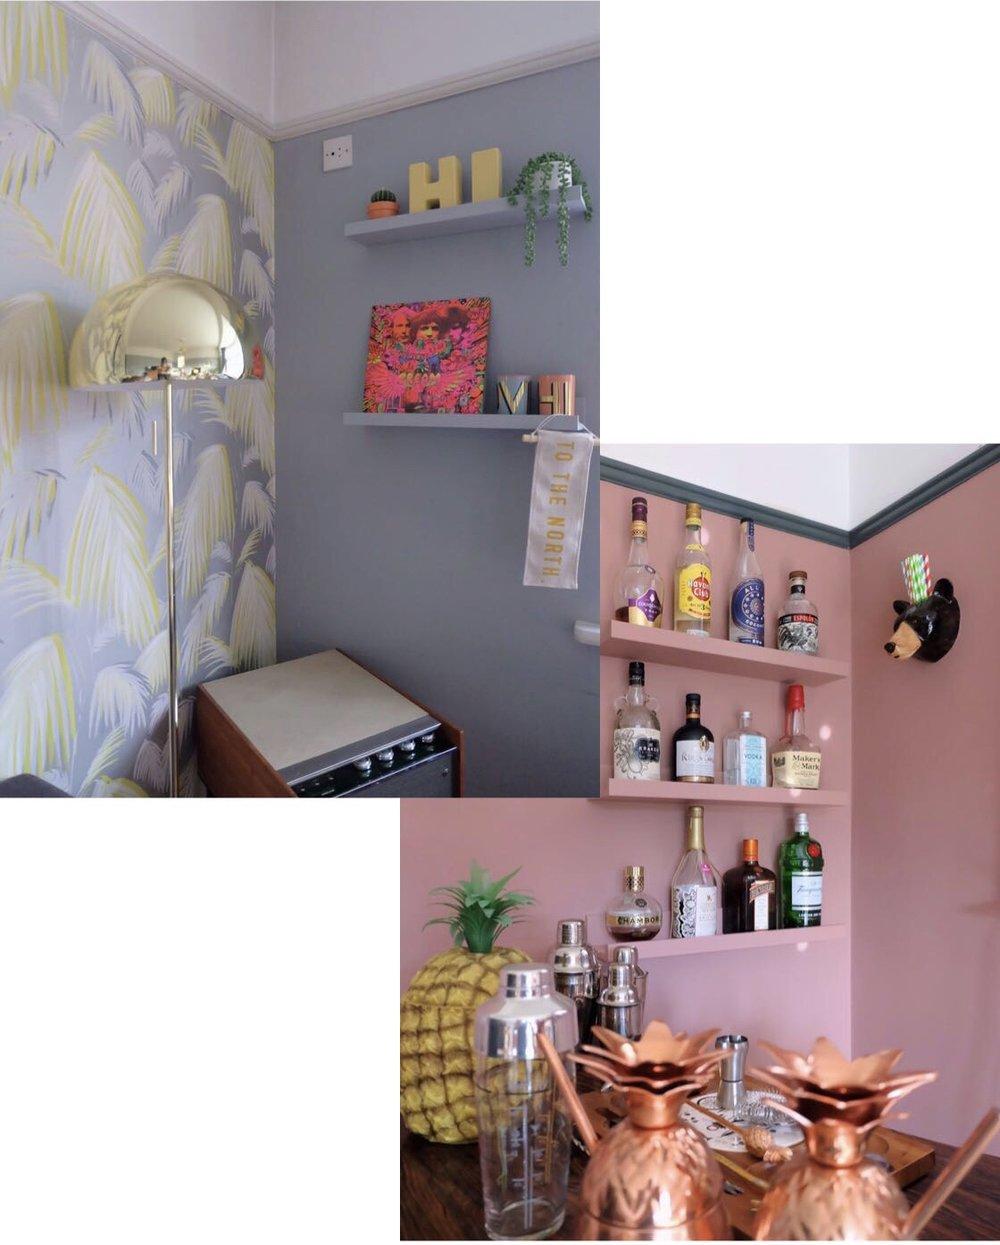 Ikea picture ledges